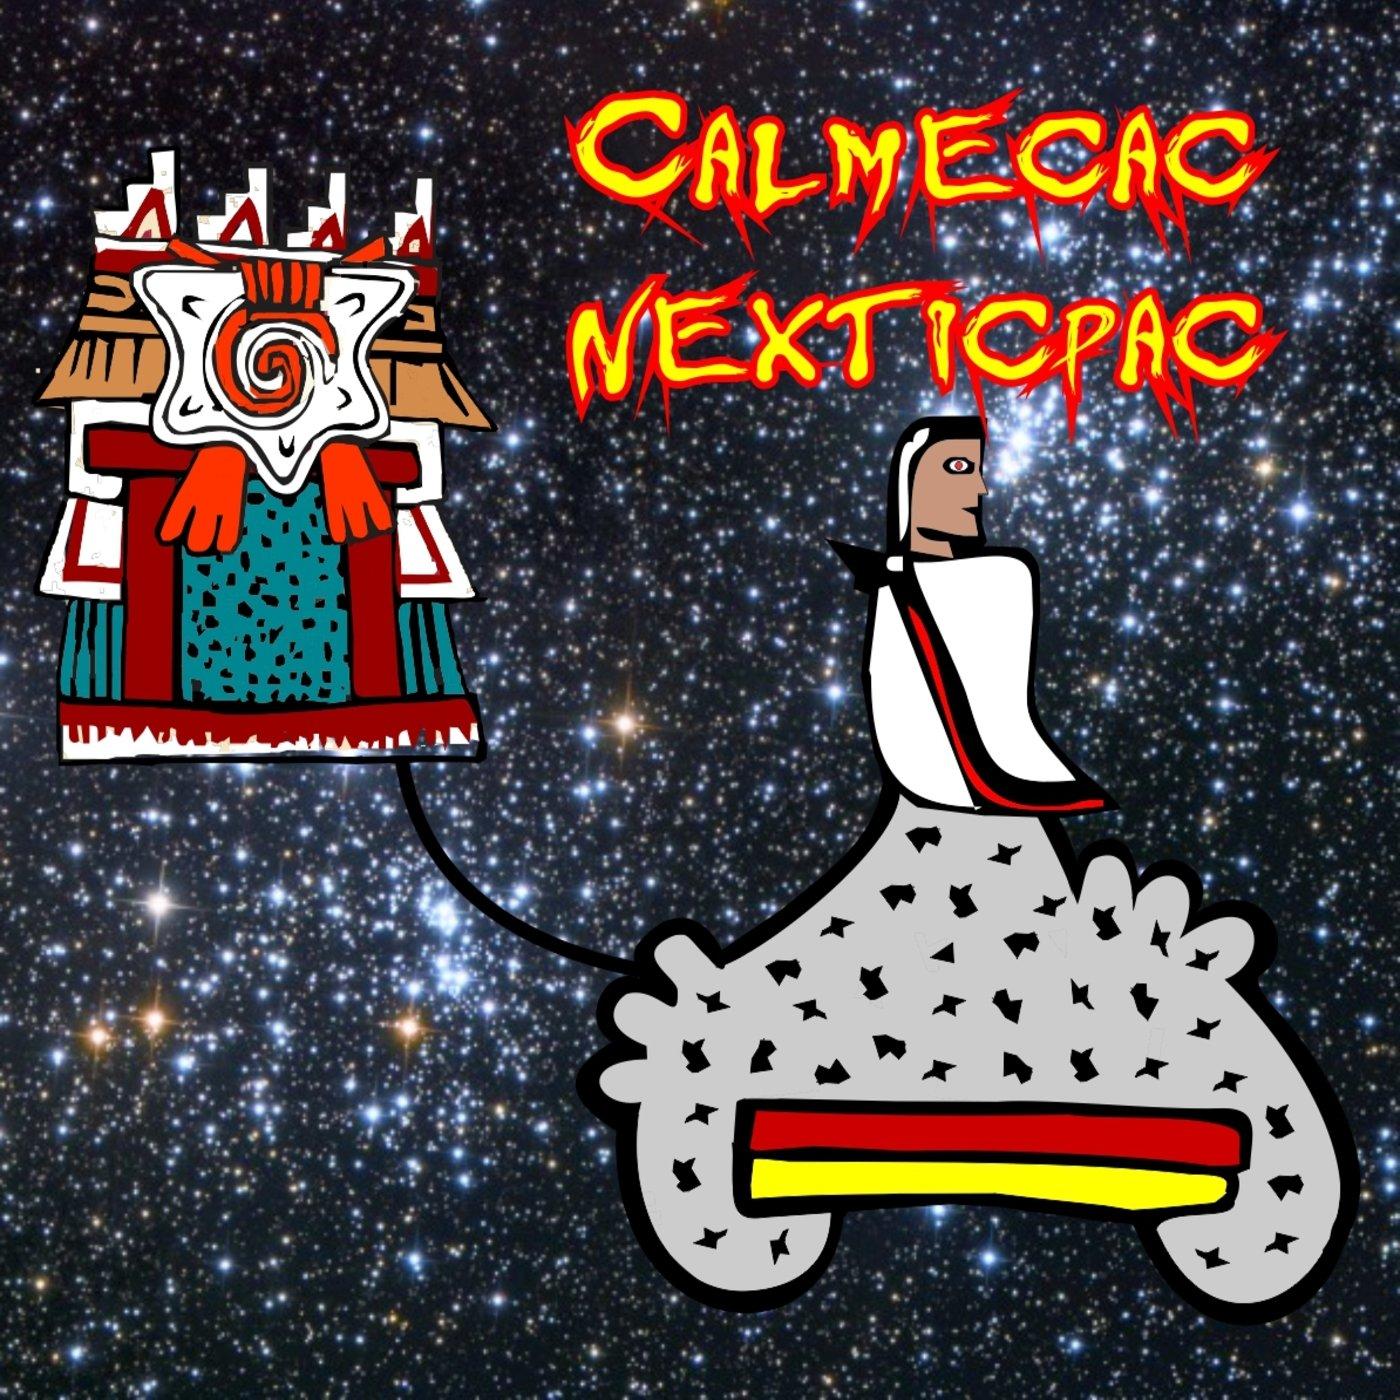 <![CDATA[Calmecac Nexticpac Podcast]]>